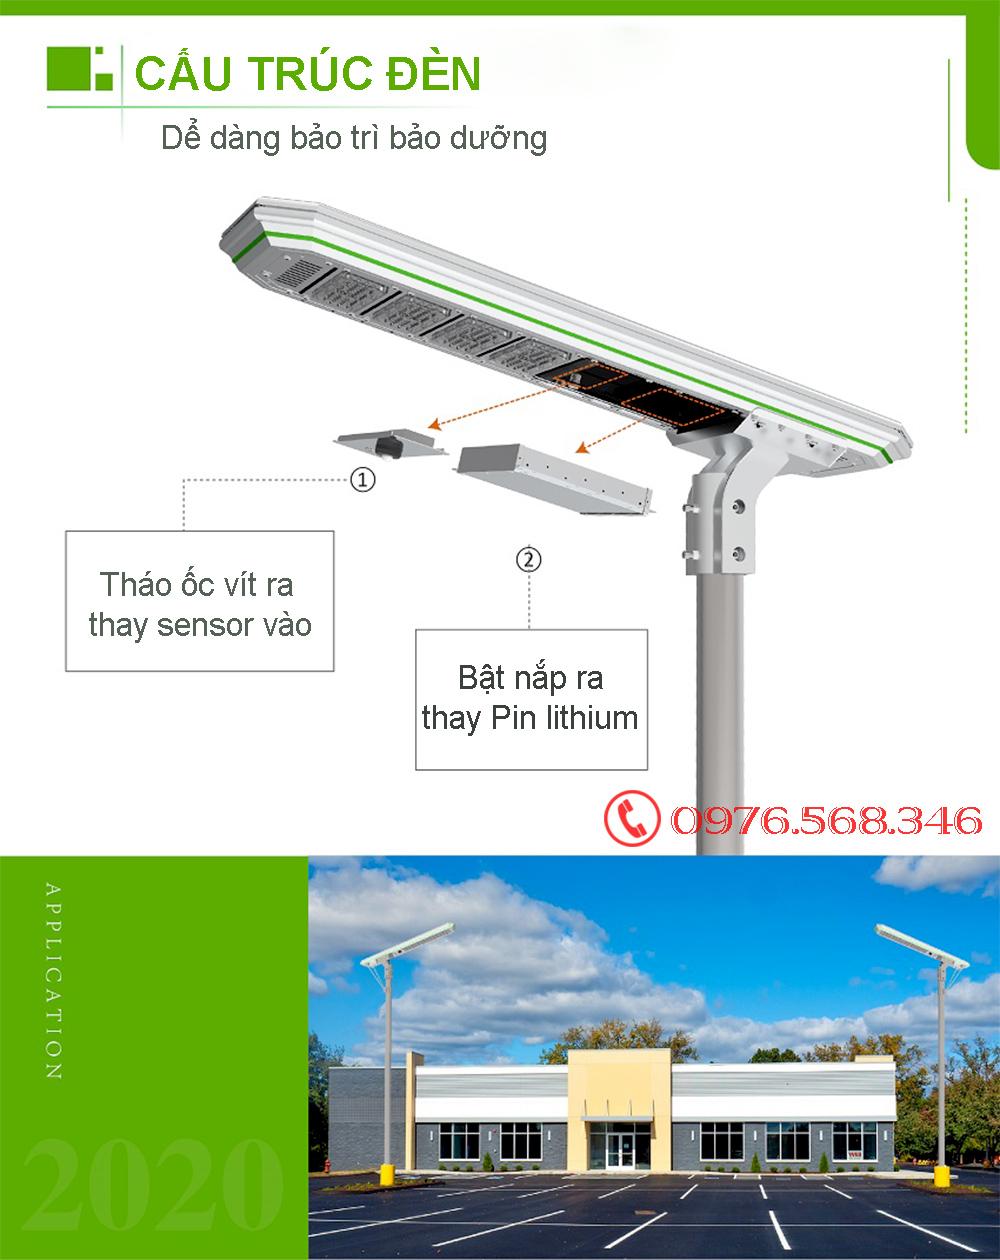 đèn năng lượng liền thể XD60W 2021